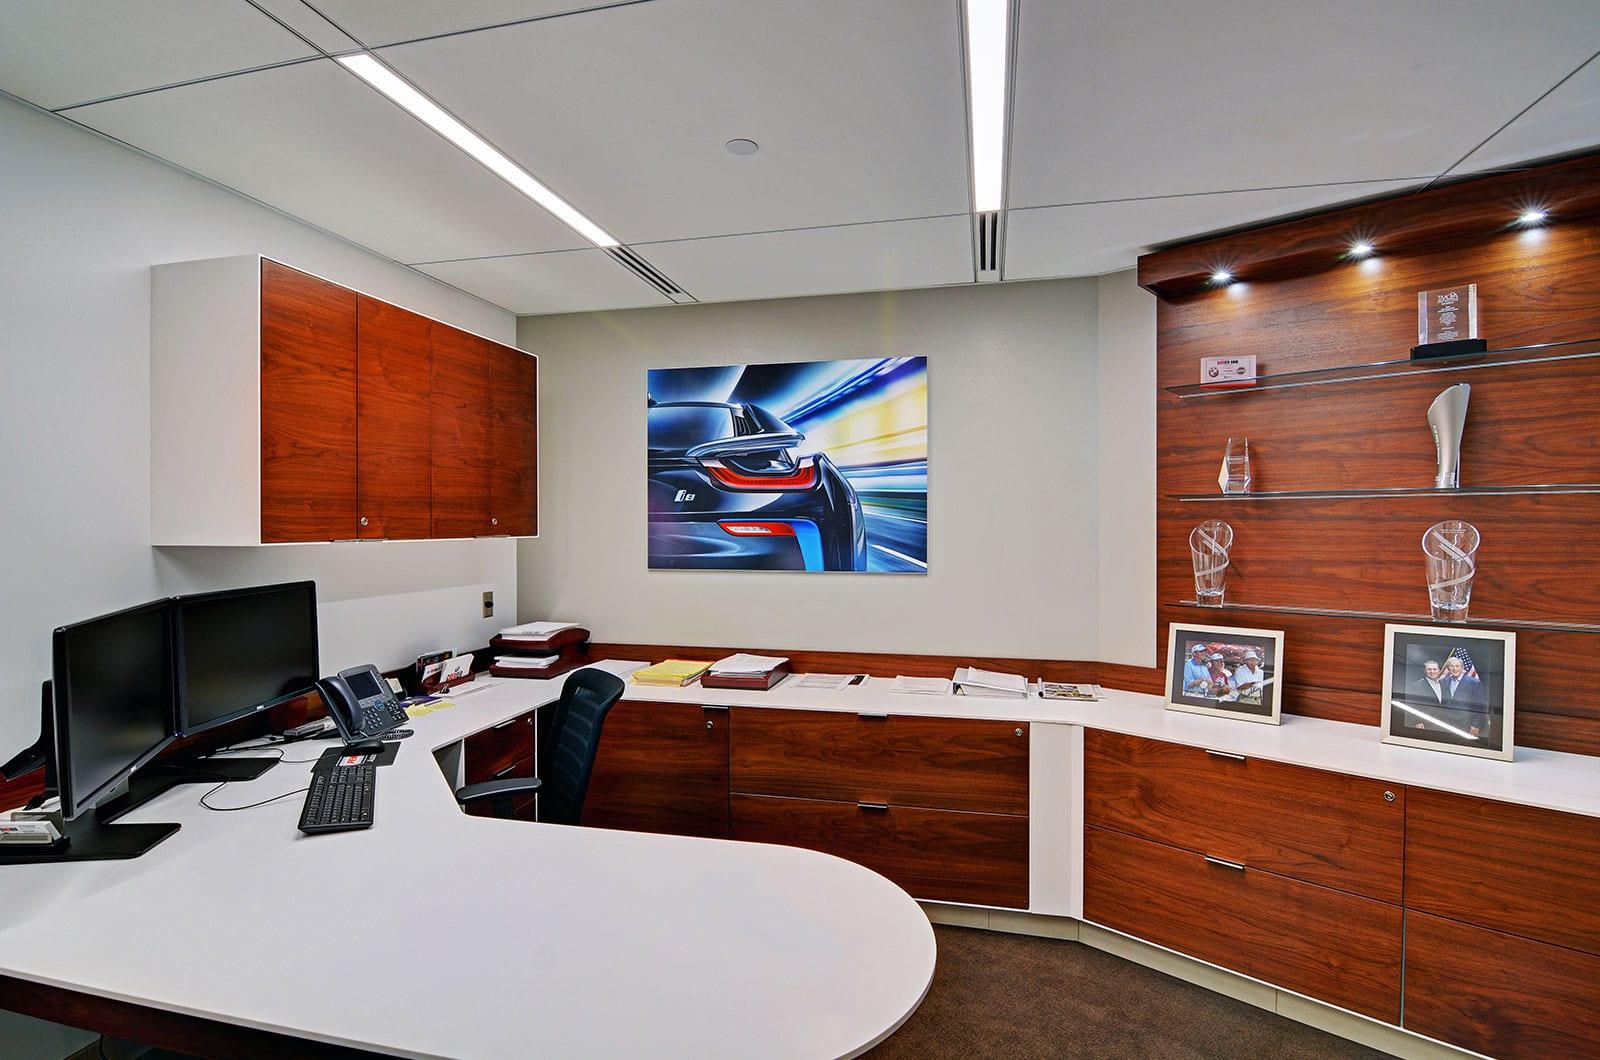 Crevier-BMW-Auto-Dealership-Auto Dealership-Virtual-Tours-Car-Dealership-Virtual-Tours-Aerial-Photography-Services